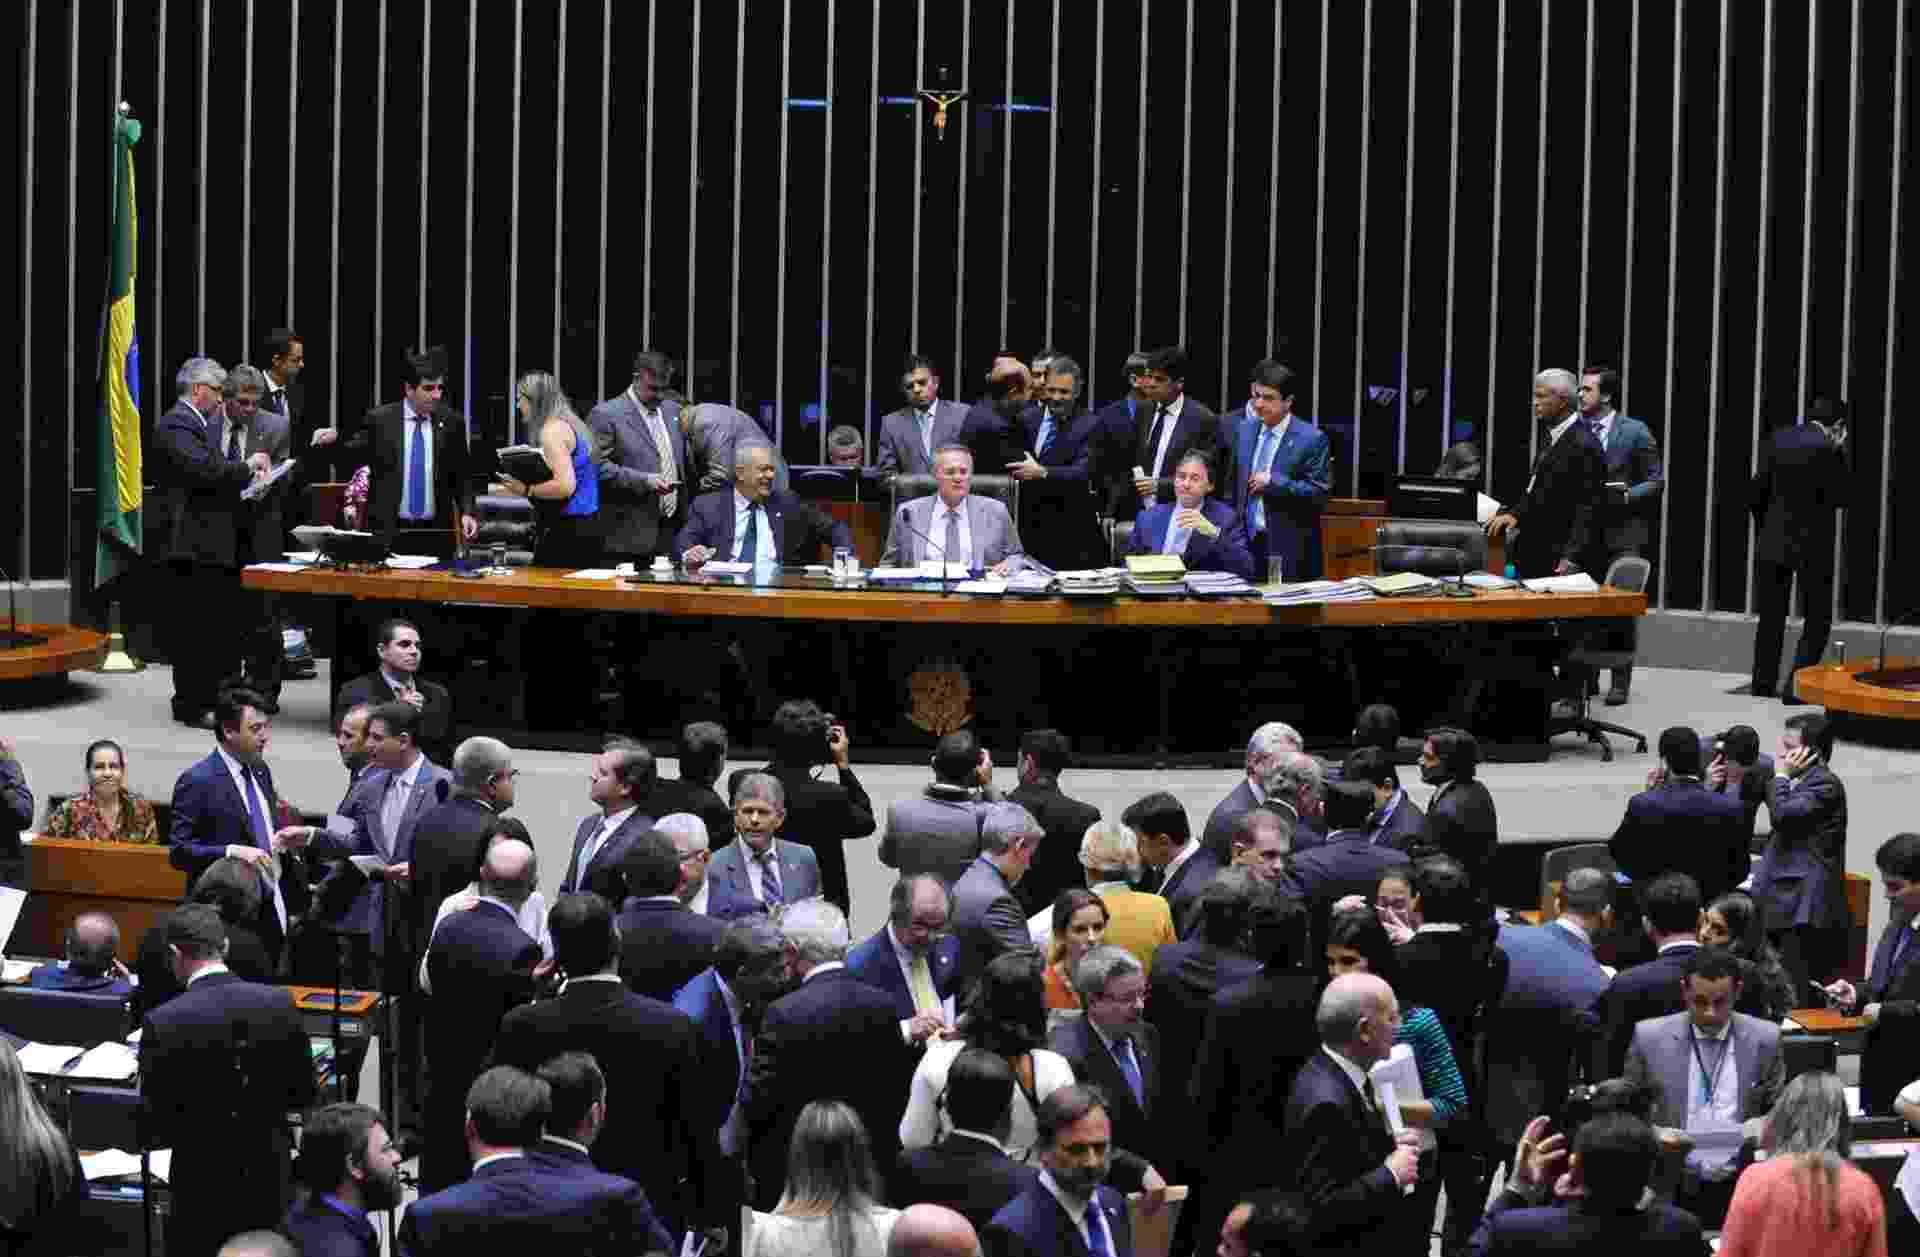 25.mai.2016 - Renan Calheiros (PMDB-AL) preside sessão do Congresso que aprovou a mudança de meta fiscal do governo Temer - Luis Macedo/Câmara dos Deputados